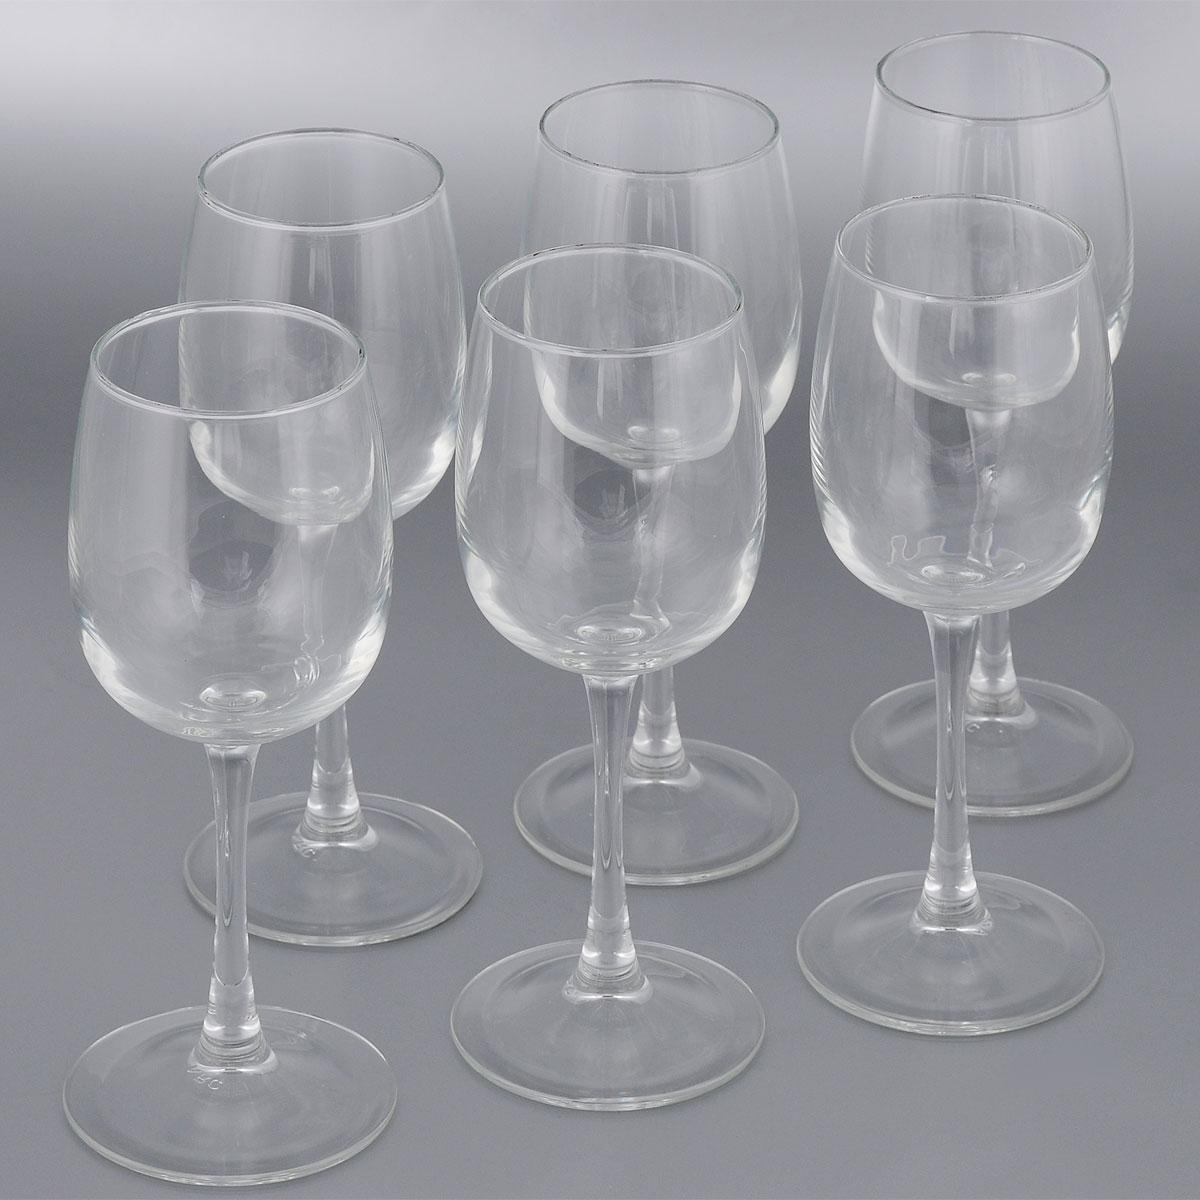 Набор бакалов для вина Luminarc Versailles, 360 мл, 6 штVT-1520(SR)Набор Luminarc Versailles состоит из шести классических бокалов, выполненных из прочного стекла. Изделия оснащены высокими ножками и предназначены для подачи вина. Они сочетают в себе элегантный дизайн и функциональность. Набор фужеров Versailles прекрасно оформит праздничный стол и создаст приятную атмосферу за романтическим ужином. Такой набор также станет хорошим подарком к любому случаю.Можно мыть в посудомоечной машине.Диаметр фужера (по верхнему краю): 6,5 см. Диаметр основания фужера: 7,5 см. Высота фужера: 21,5 см.